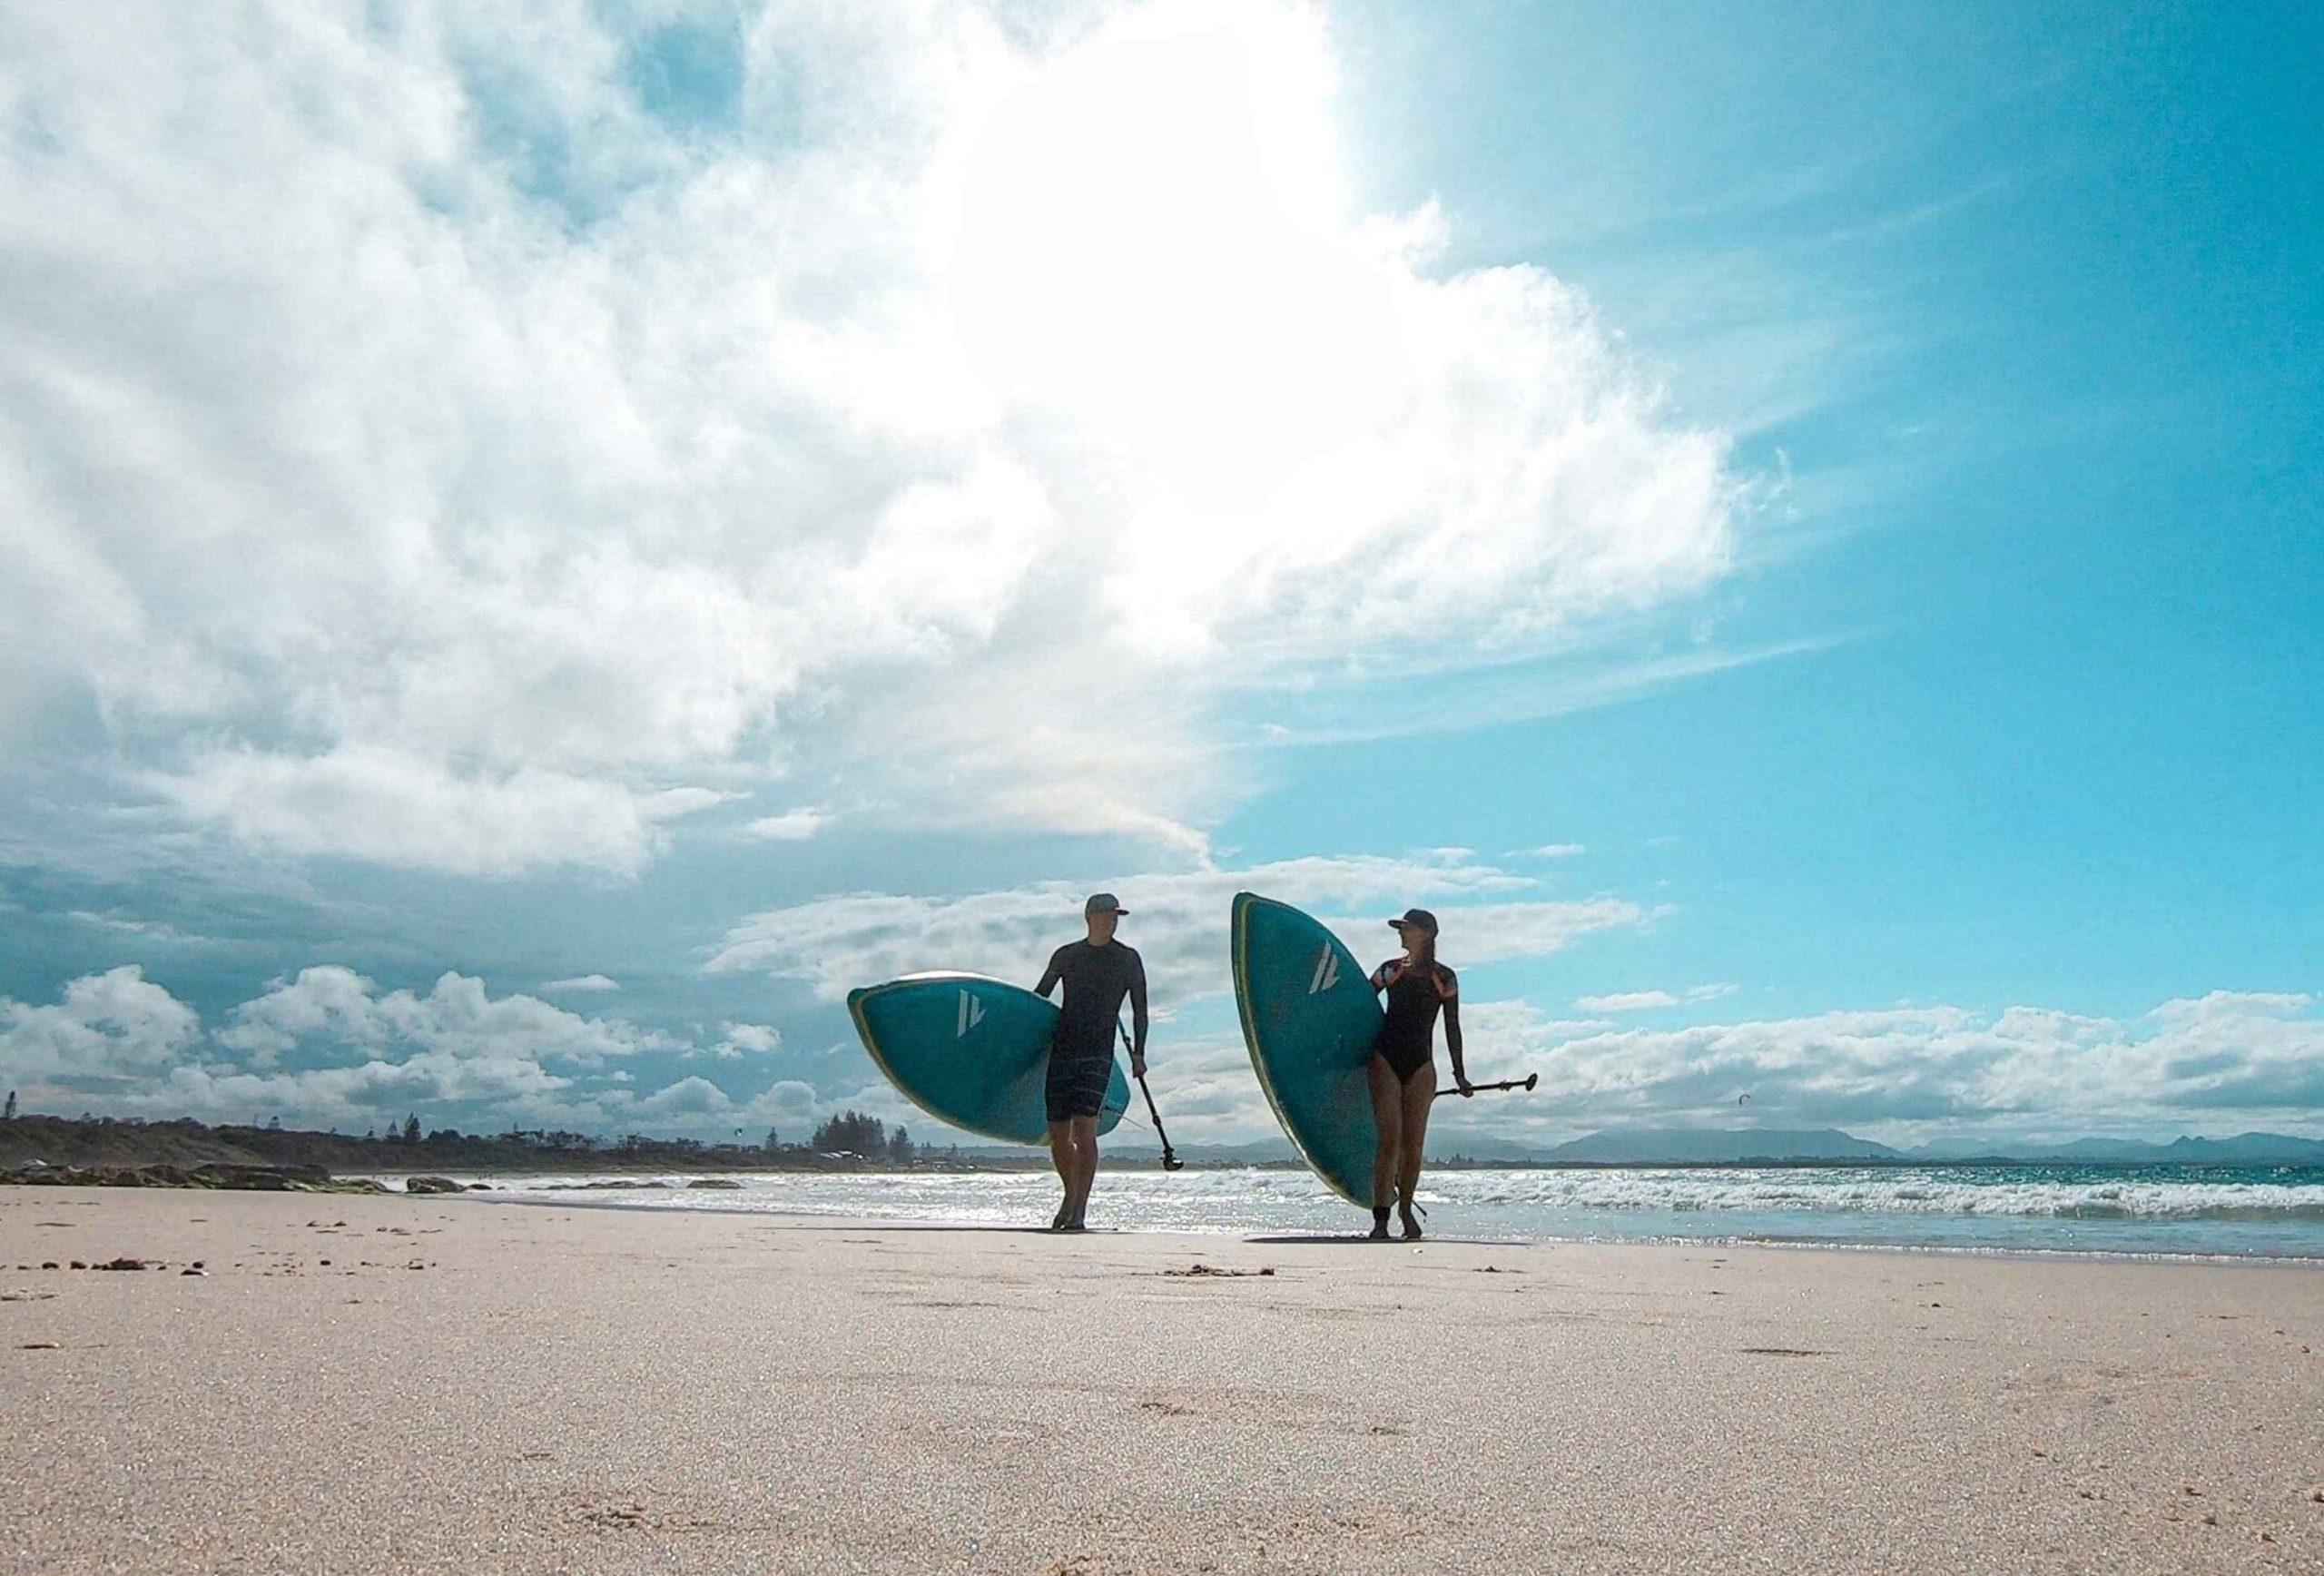 Surfer am Strand der Bryon Bay mit SUPs